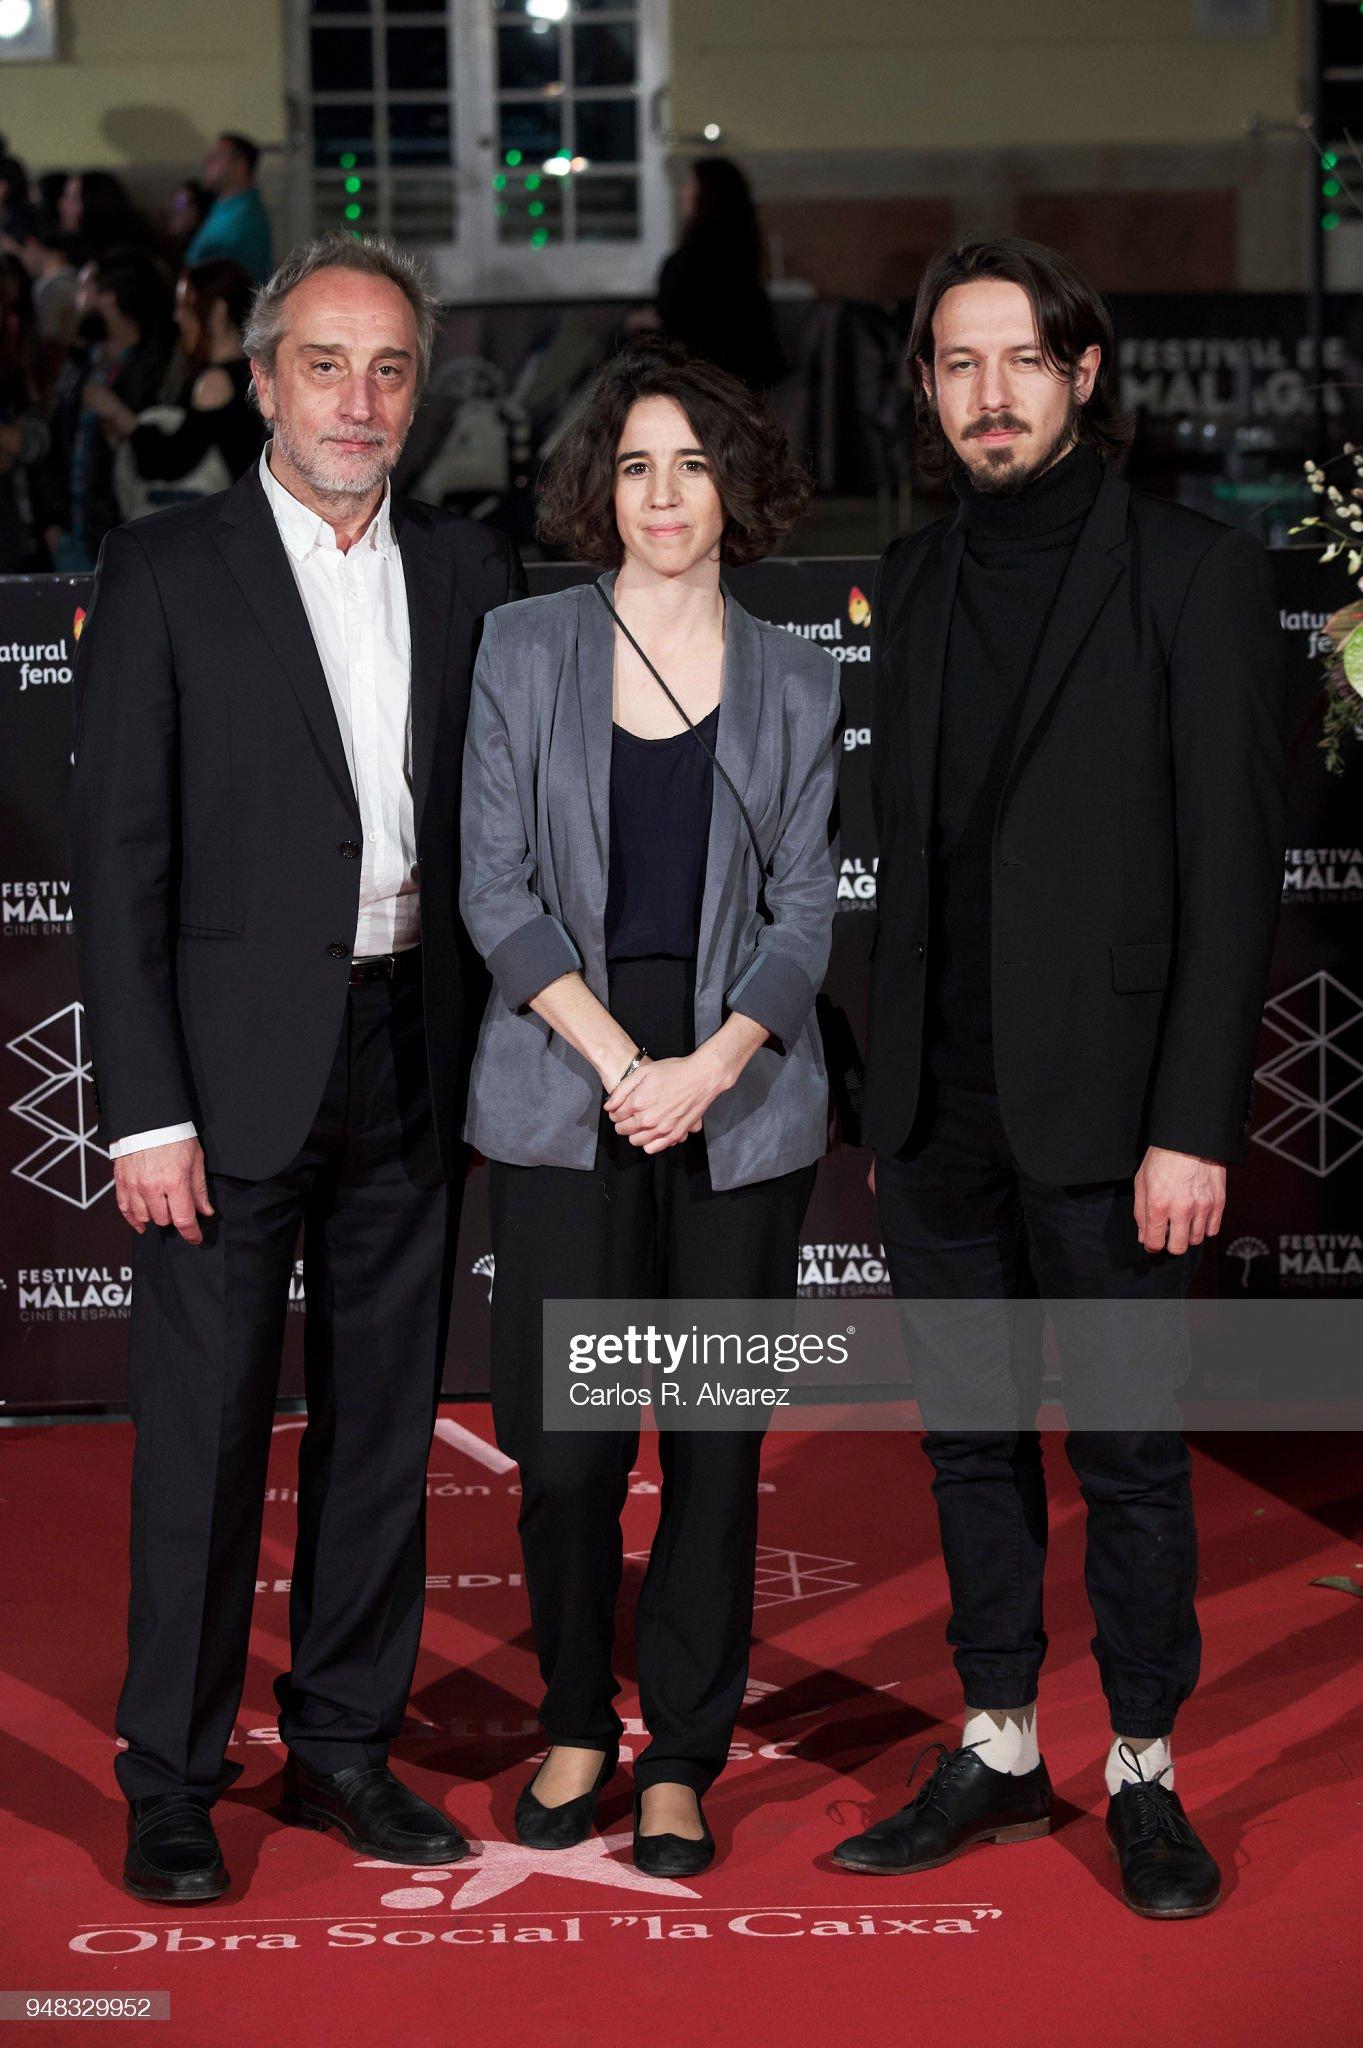 ¿Cuánto mide Gonzalo de Castro? (Actor) - Altura Actor-gonzalo-de-castro-director-mar-coll-and-actor-marcel-borras-el-picture-id948329952?s=2048x2048